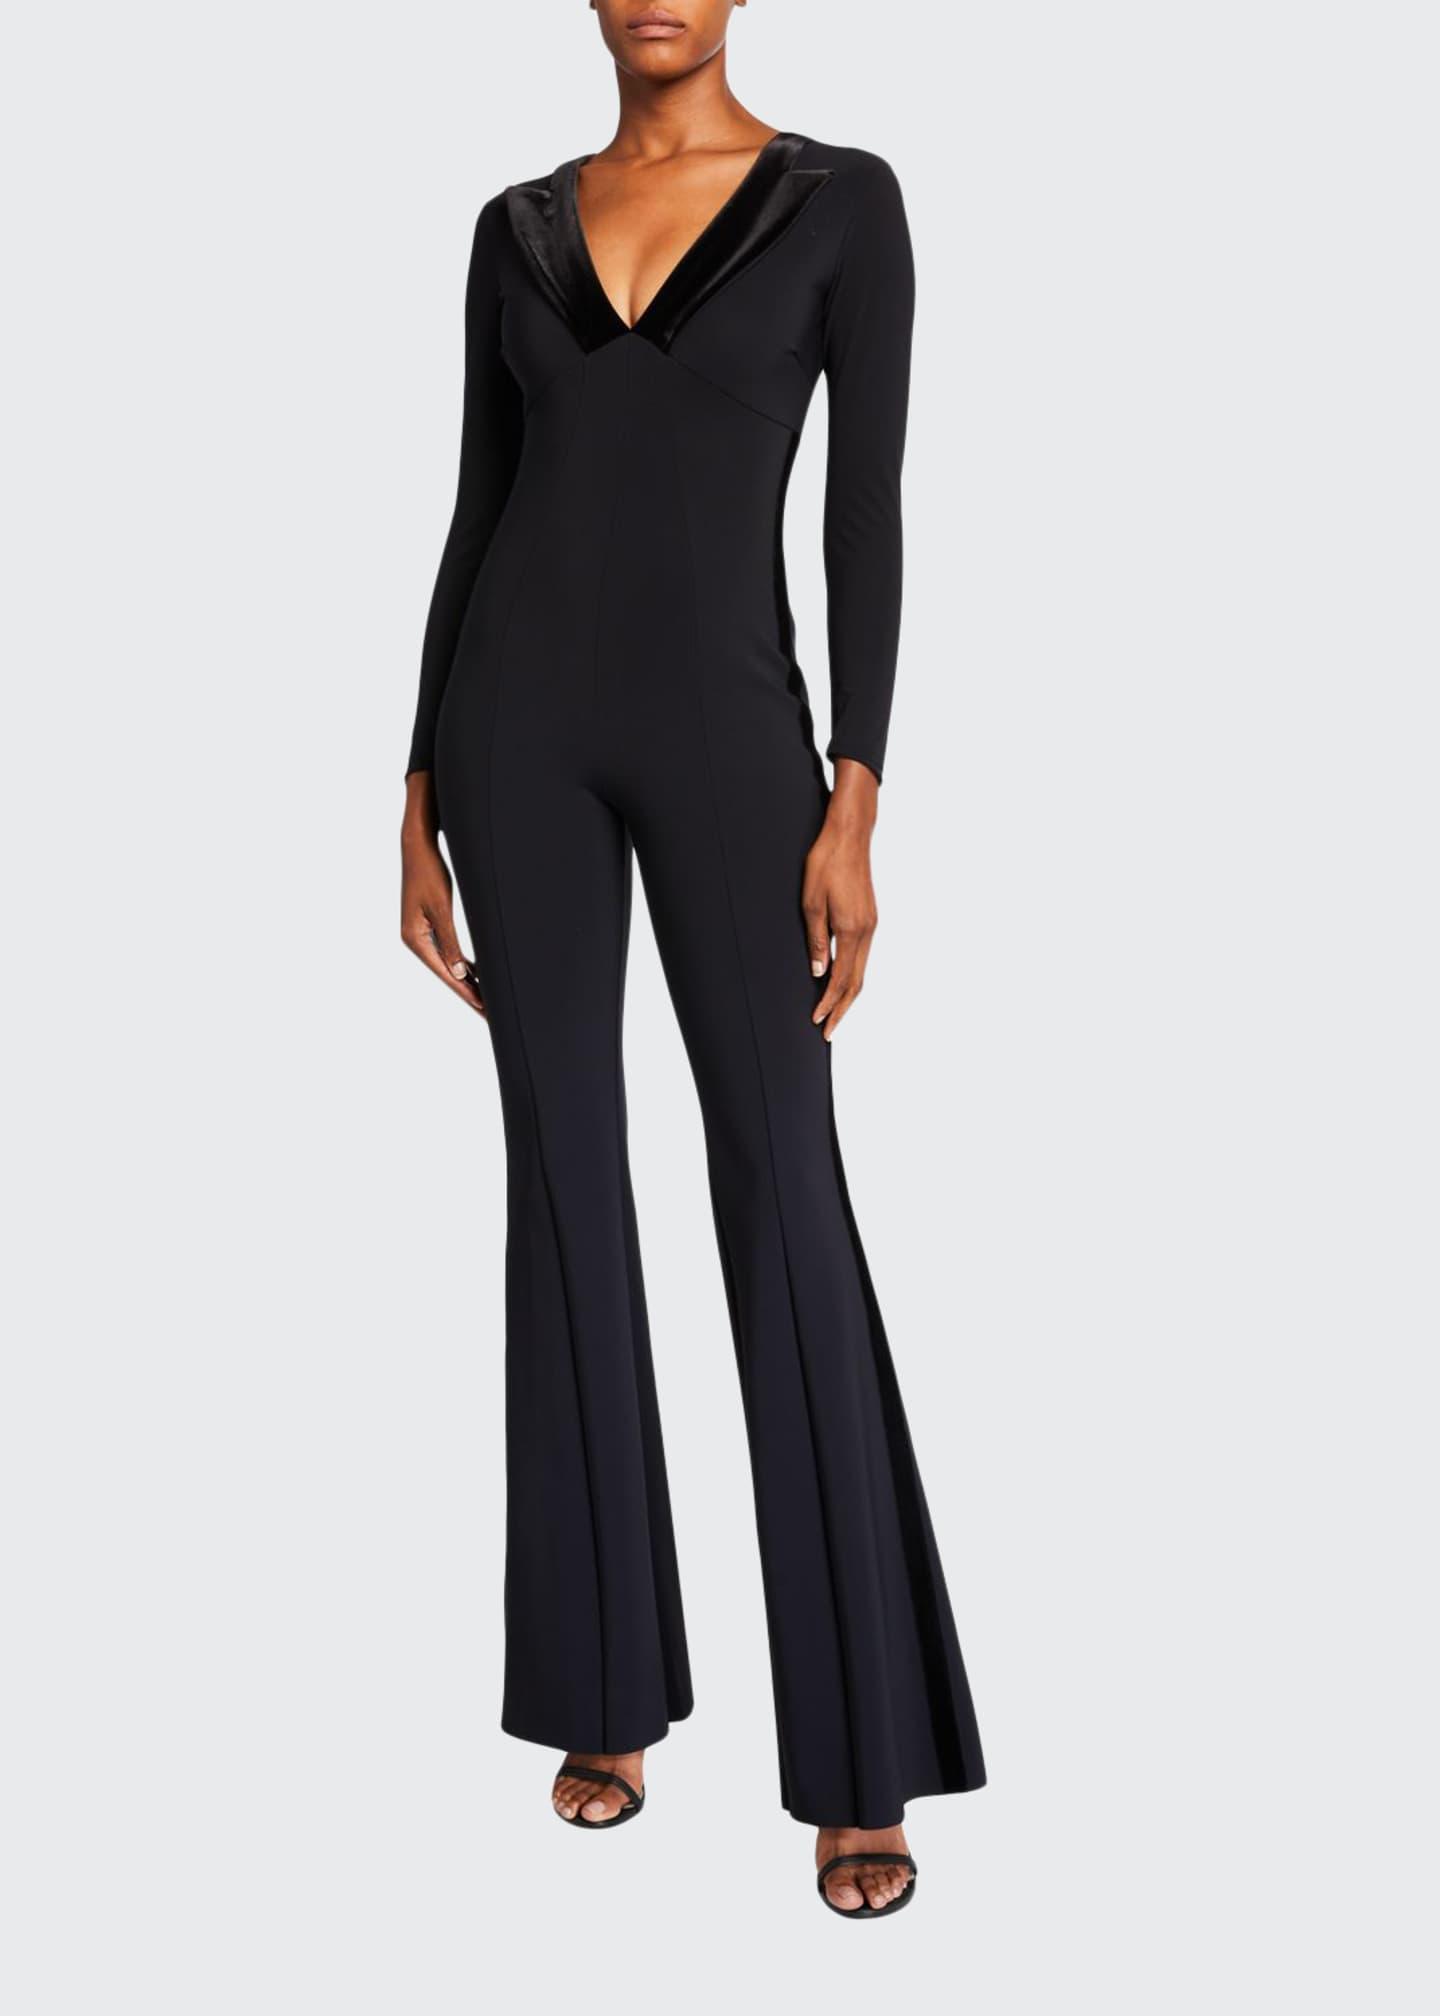 Chiara Boni La Petite Robe Velvet Collar Long-Sleeve